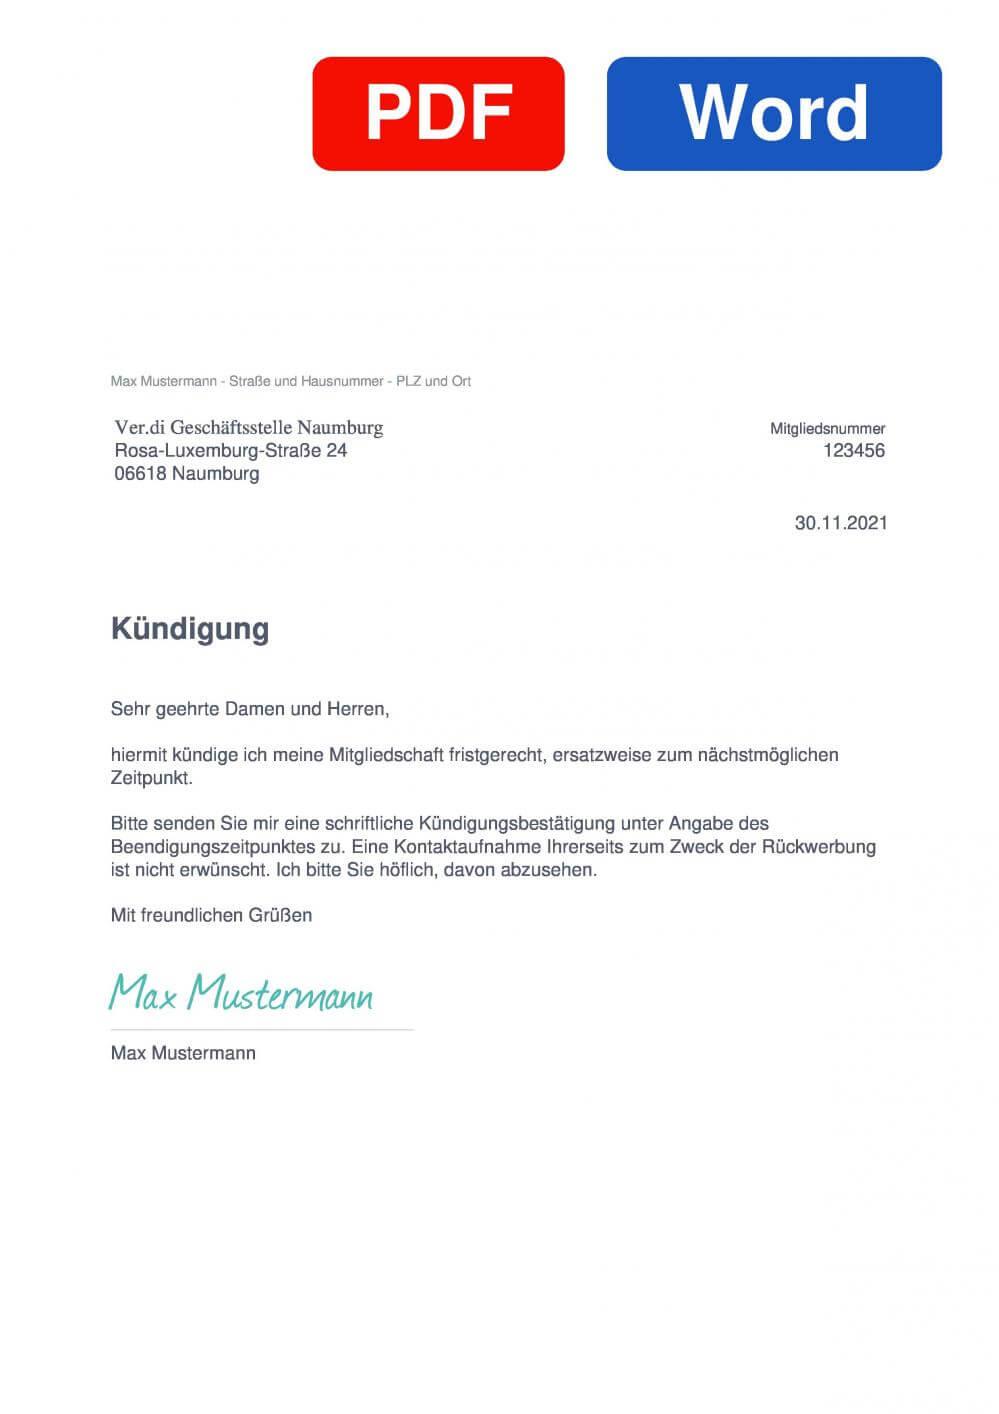 Verdi Naumburg Muster Vorlage für Kündigungsschreiben